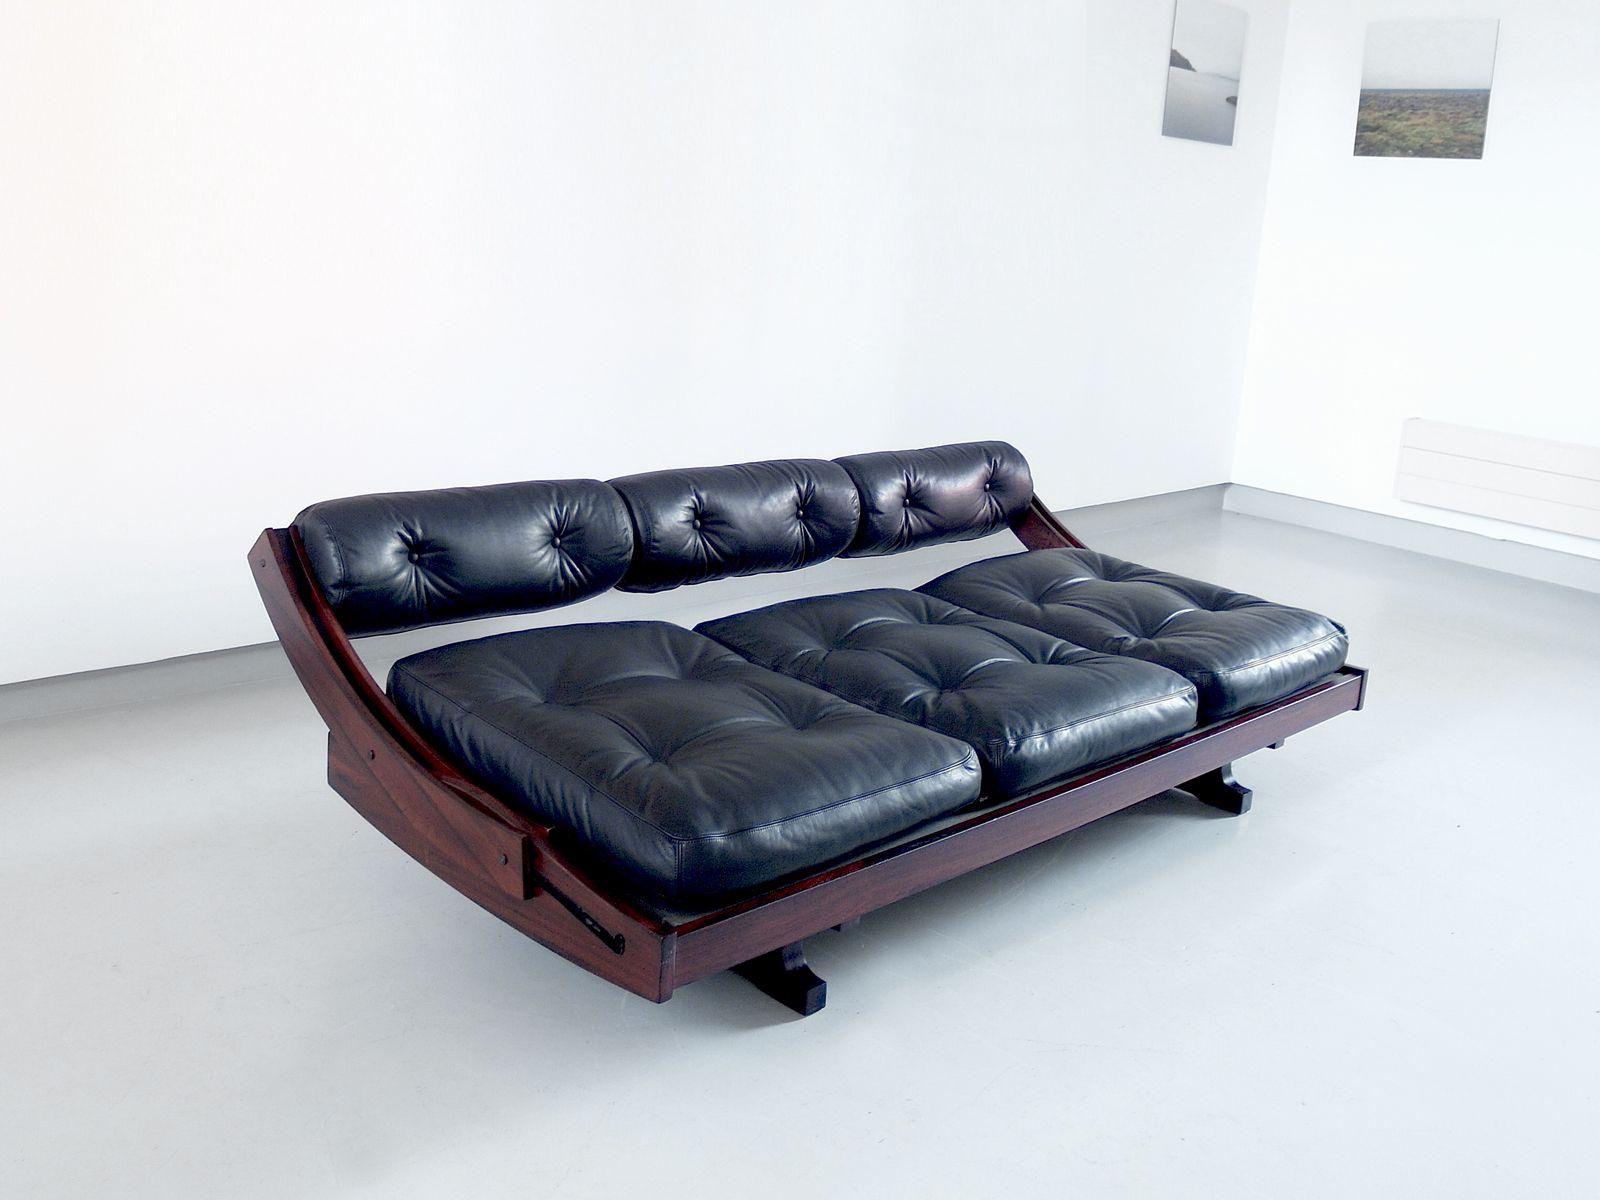 vintage modell gs 195 schlafsofa aus schwarzem leder von gianni songia f r sormani bei pamono kaufen. Black Bedroom Furniture Sets. Home Design Ideas